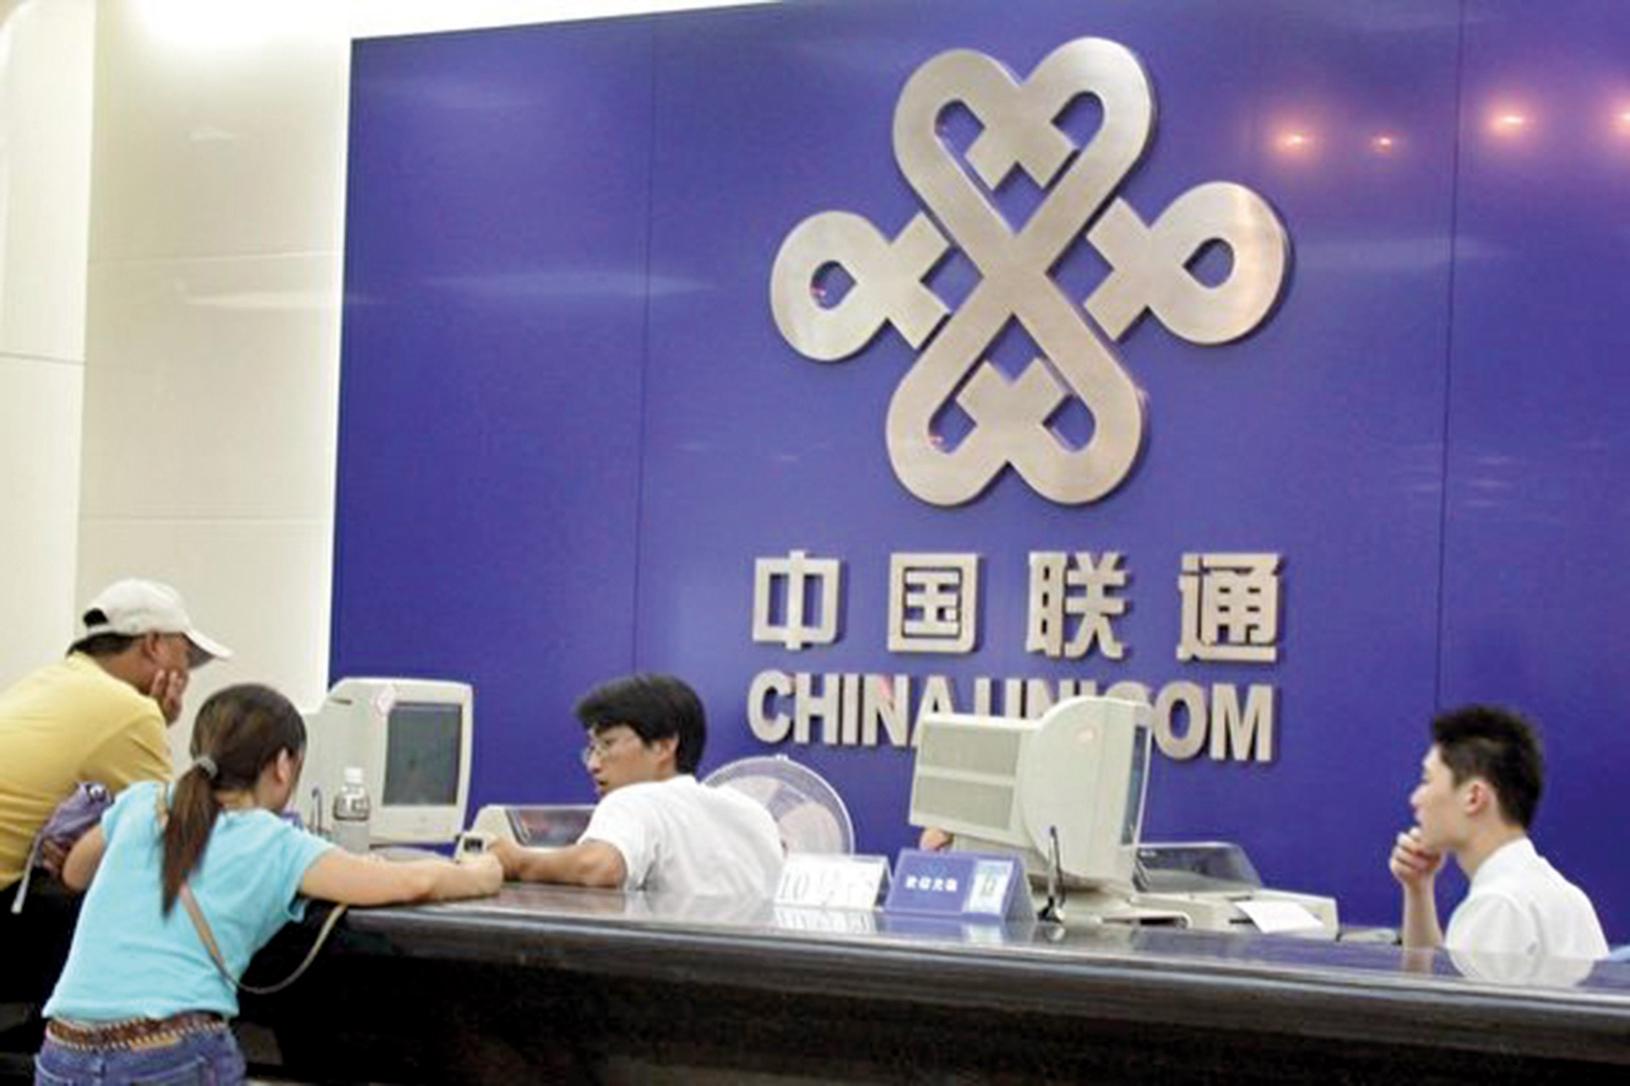 中國聯通混合所有制改革持續受到市場關注。圖為中國聯通上海總部。(大紀元資料室)